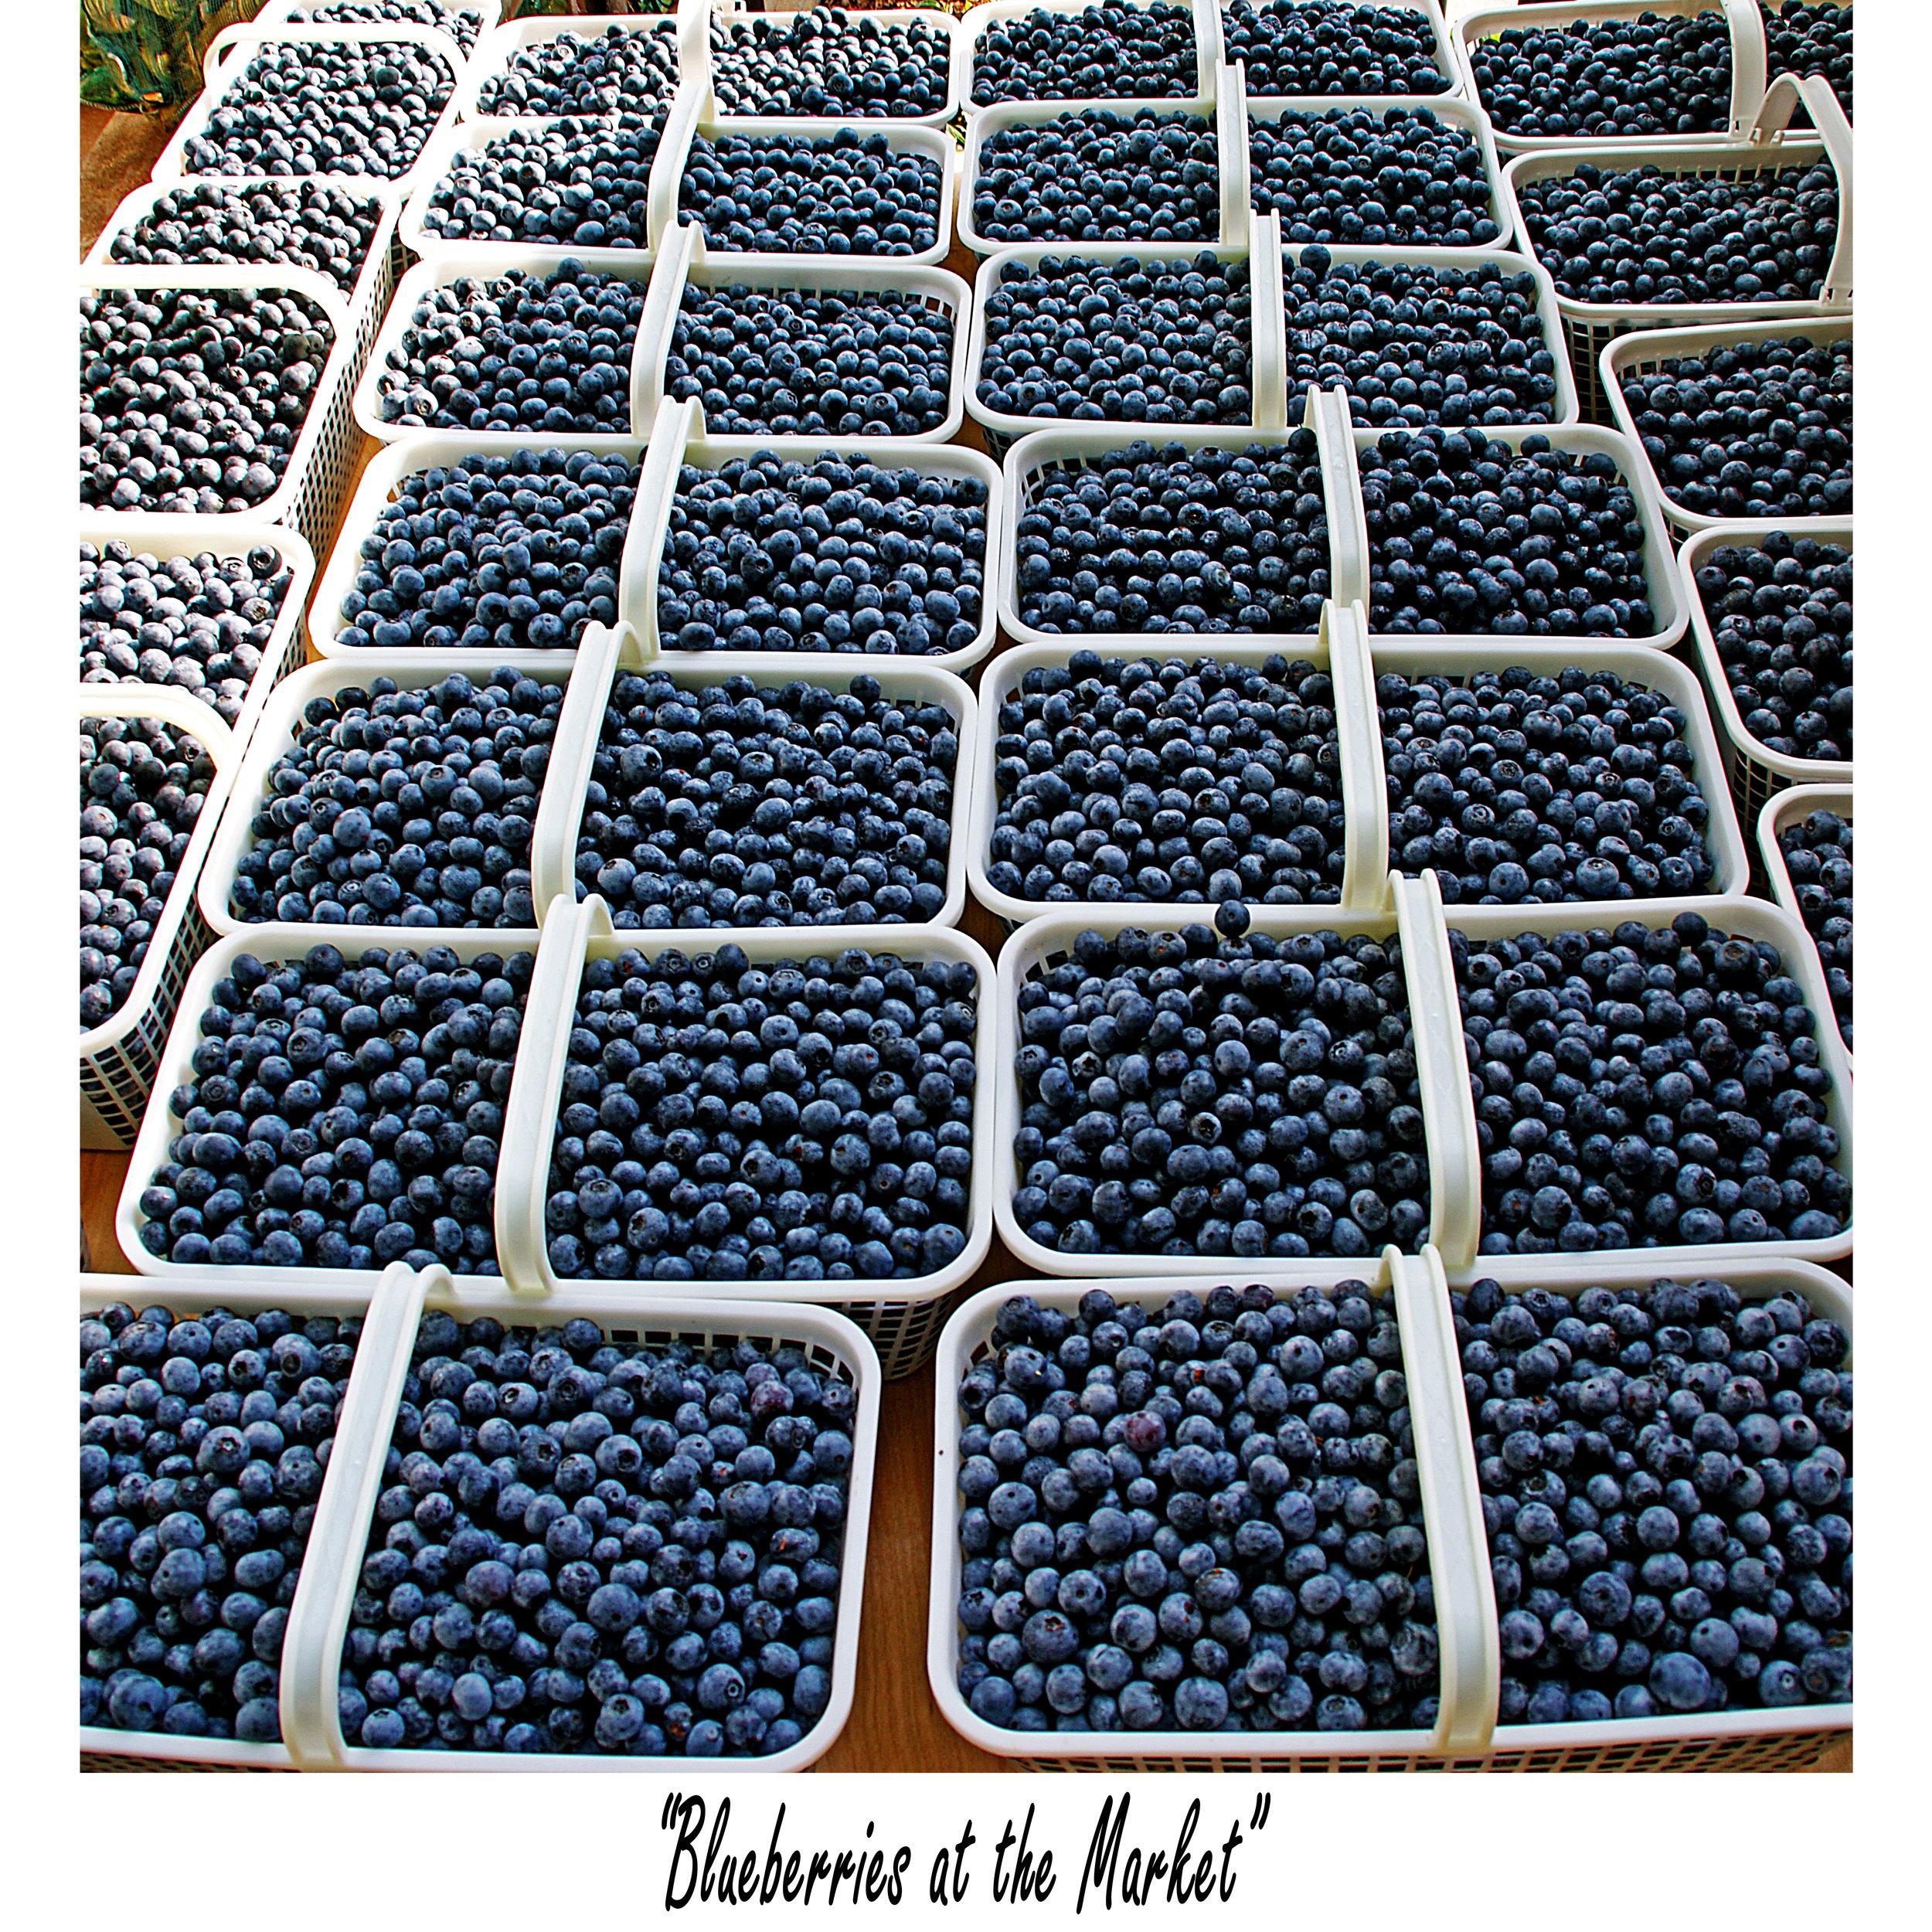 Blueberries on Market Day.jpg